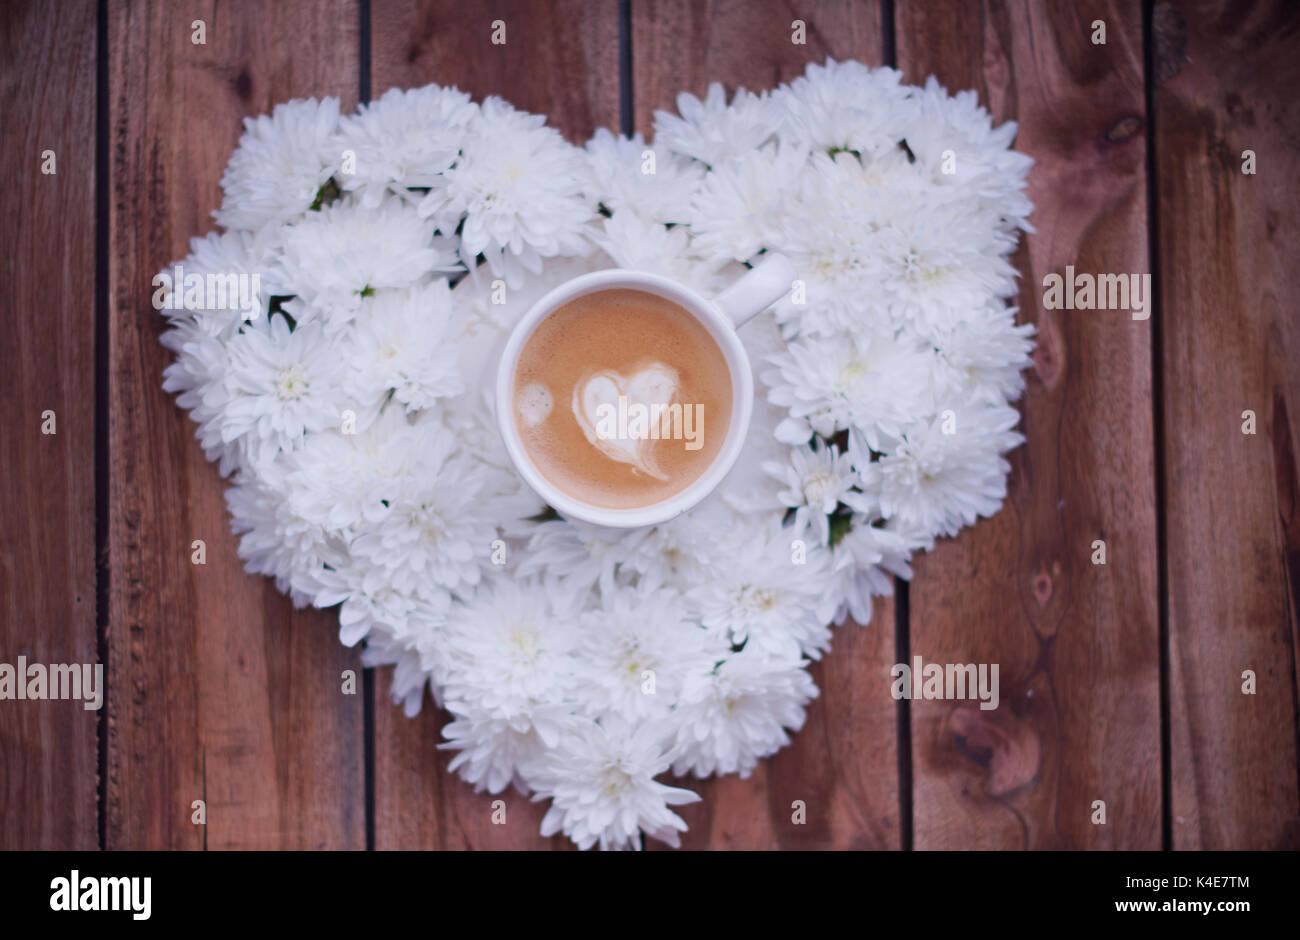 Cuore di fiori bianchi. mattina e caffè espresso. Il Romance. Sfondo di legno. Regalo romantico Immagini Stock